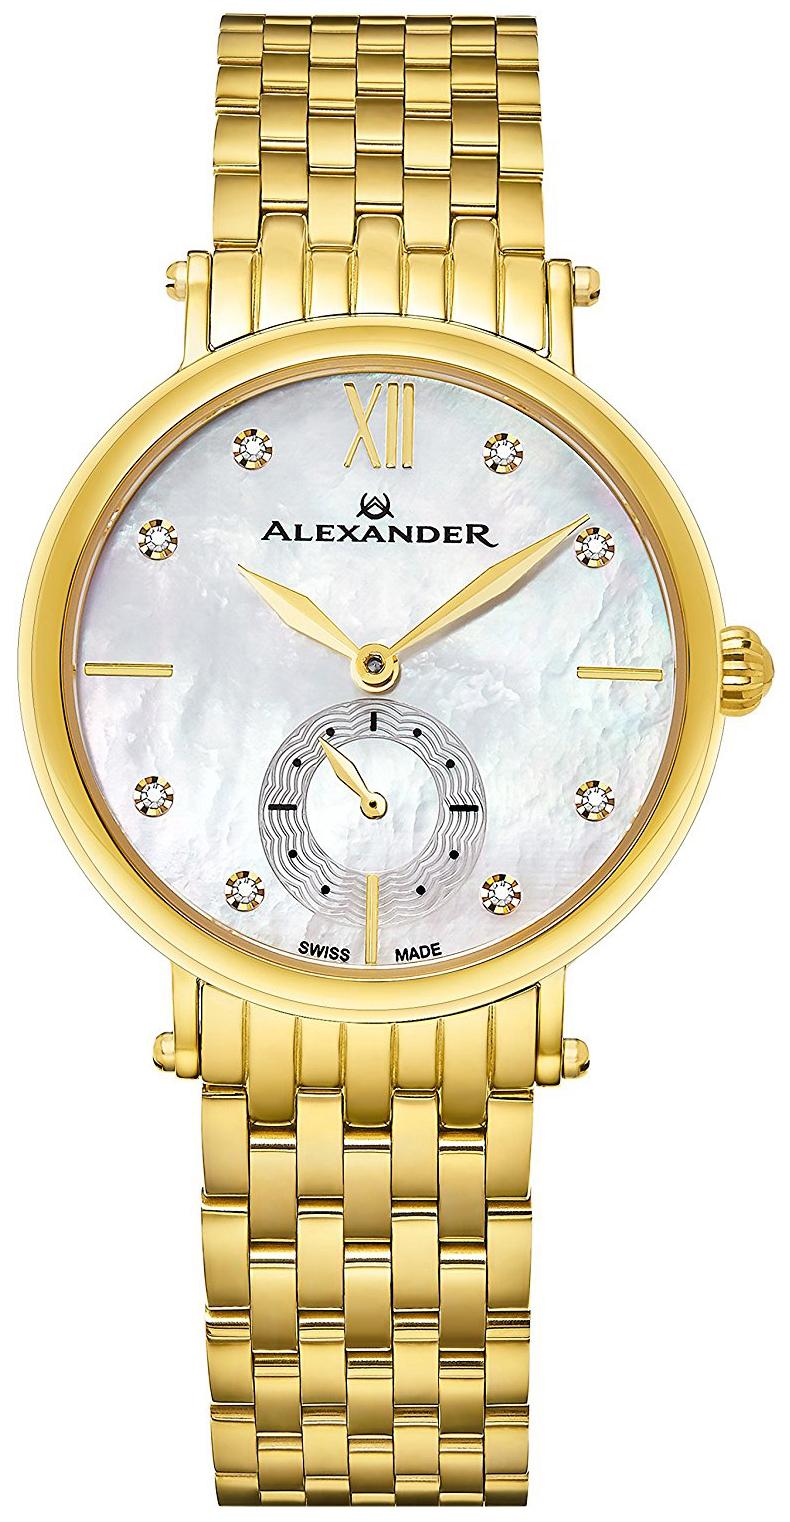 Alexander Monarch Damklocka AD201B-02 Silverfärgad/Gulguldtonat stål - Alexander